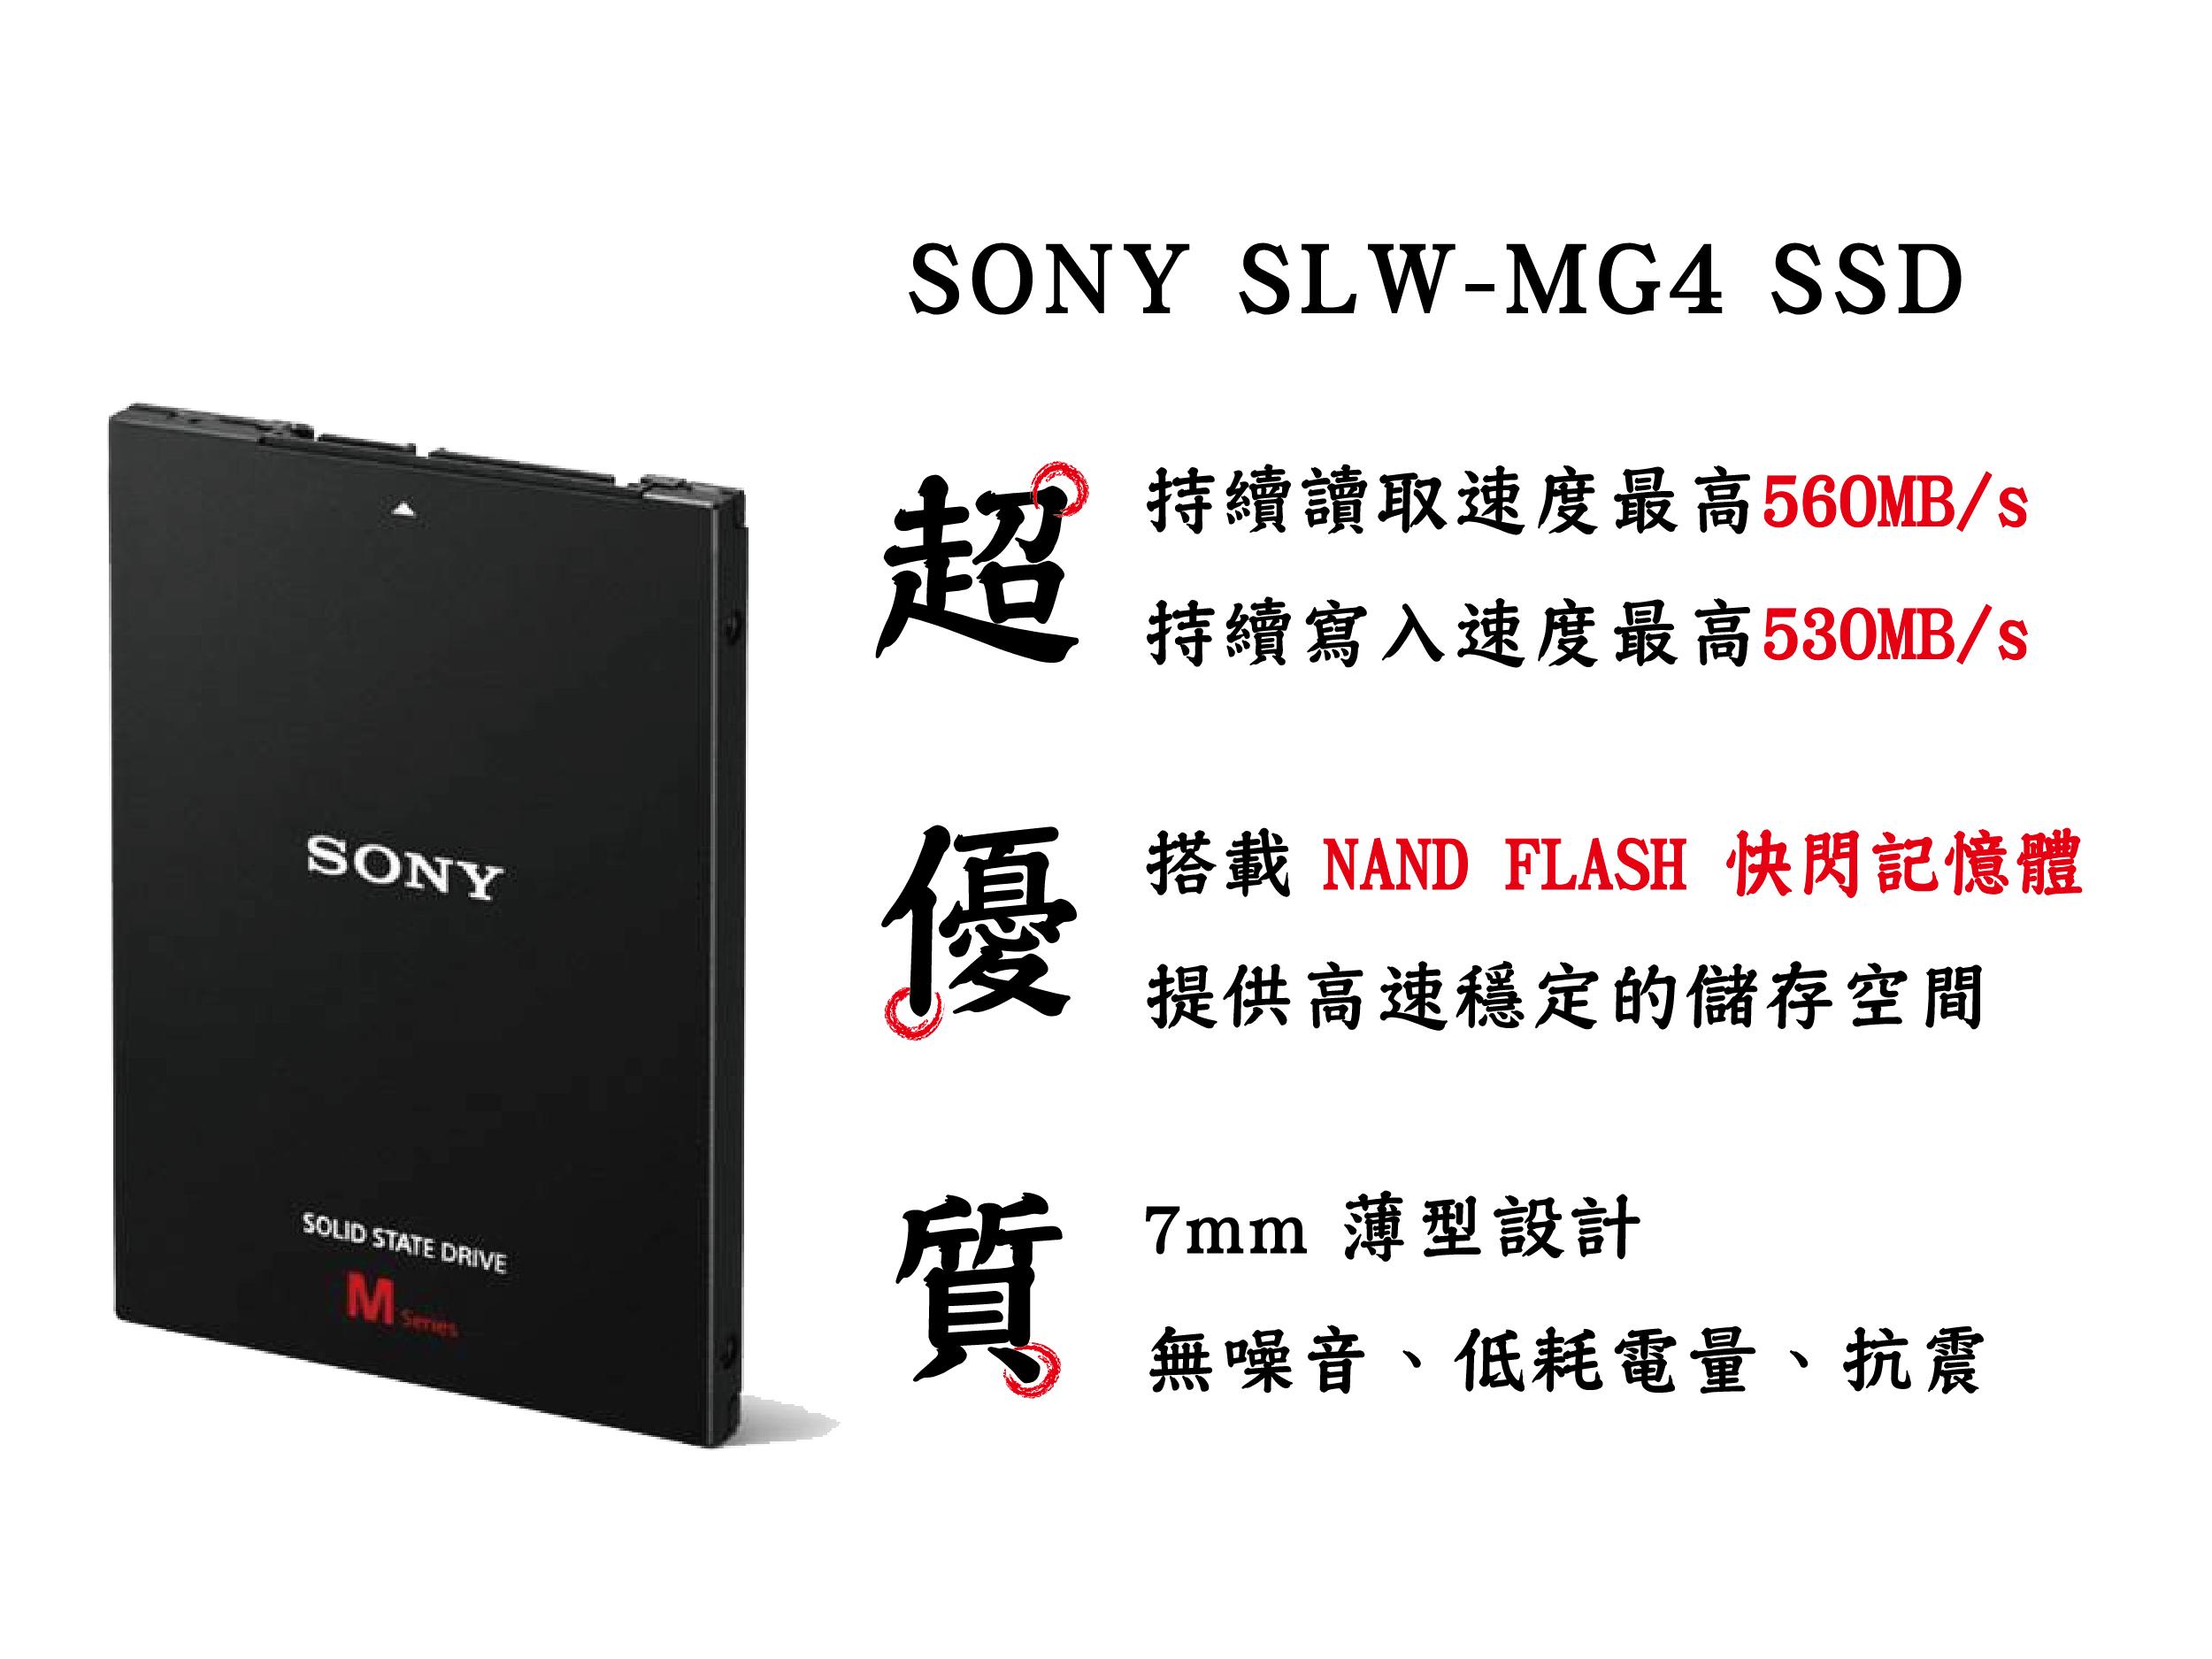 《得獎公布》號外!號外!Sony 也推出內接式固態硬碟了!即刻分享 Sony 最新 SSD:SLW-MG 貼圖,超多好康等你抽 !